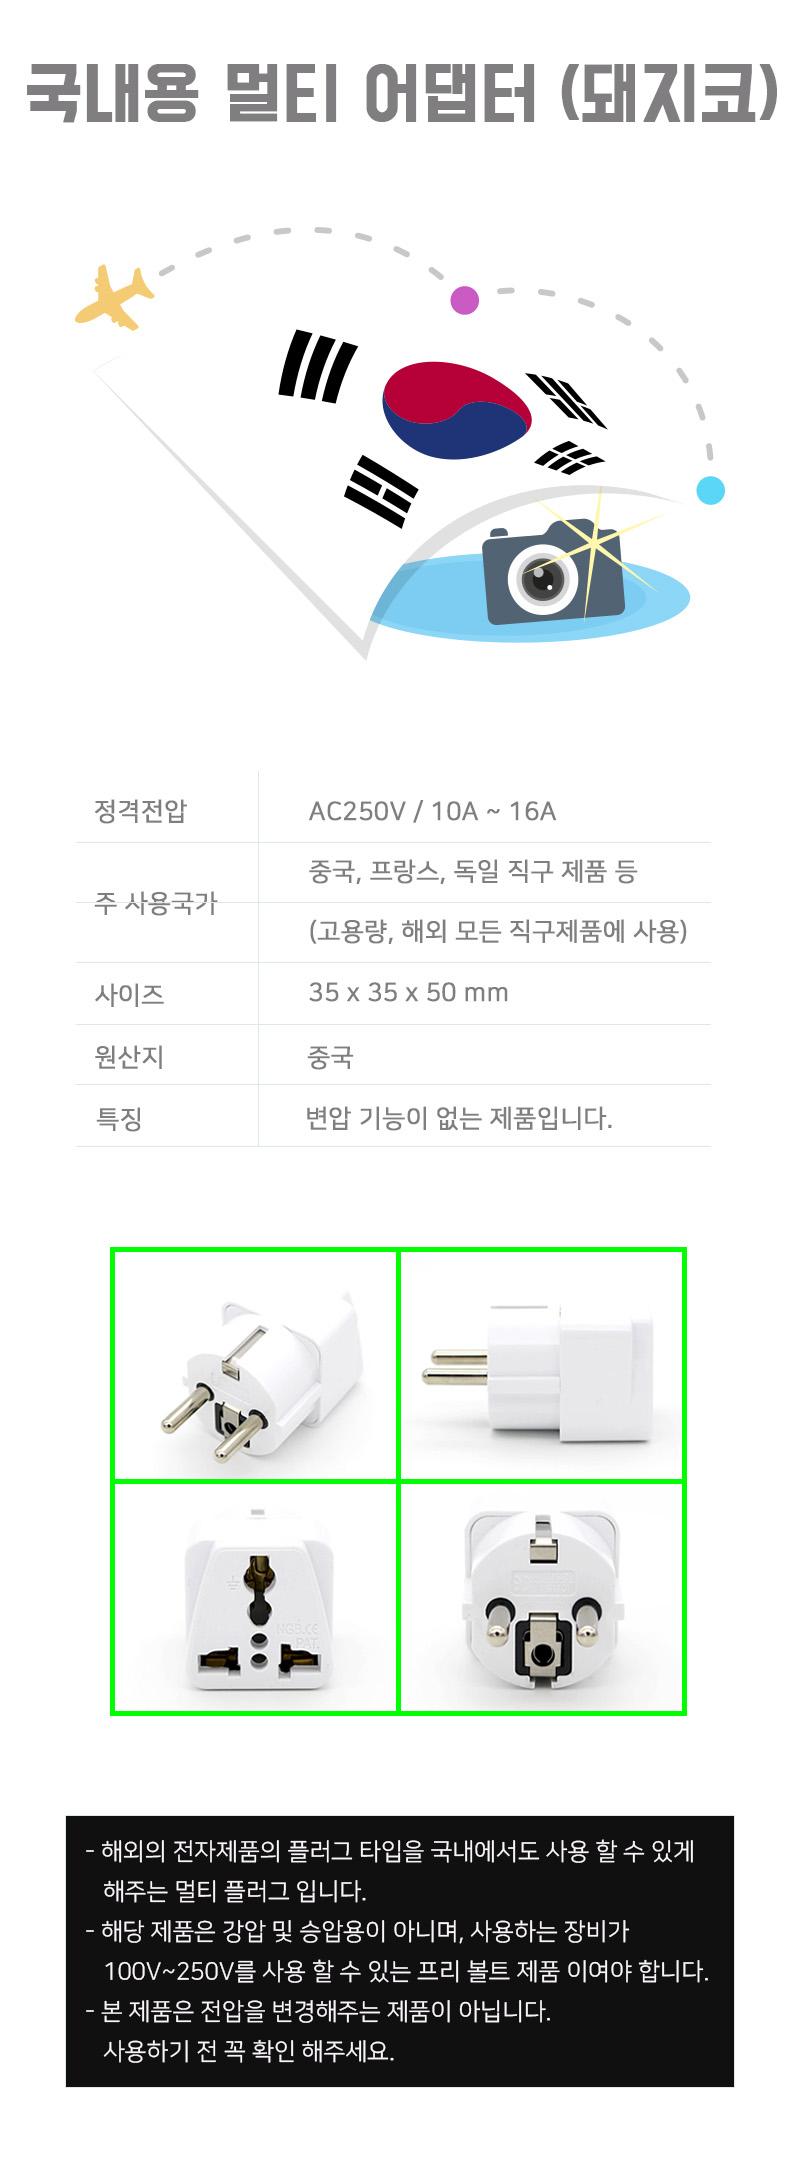 국내돼지코 220V 110V 샤오미 변환용 어댑터 어답터 - 블랑, 890원, 편의용품, 해외용 어댑터